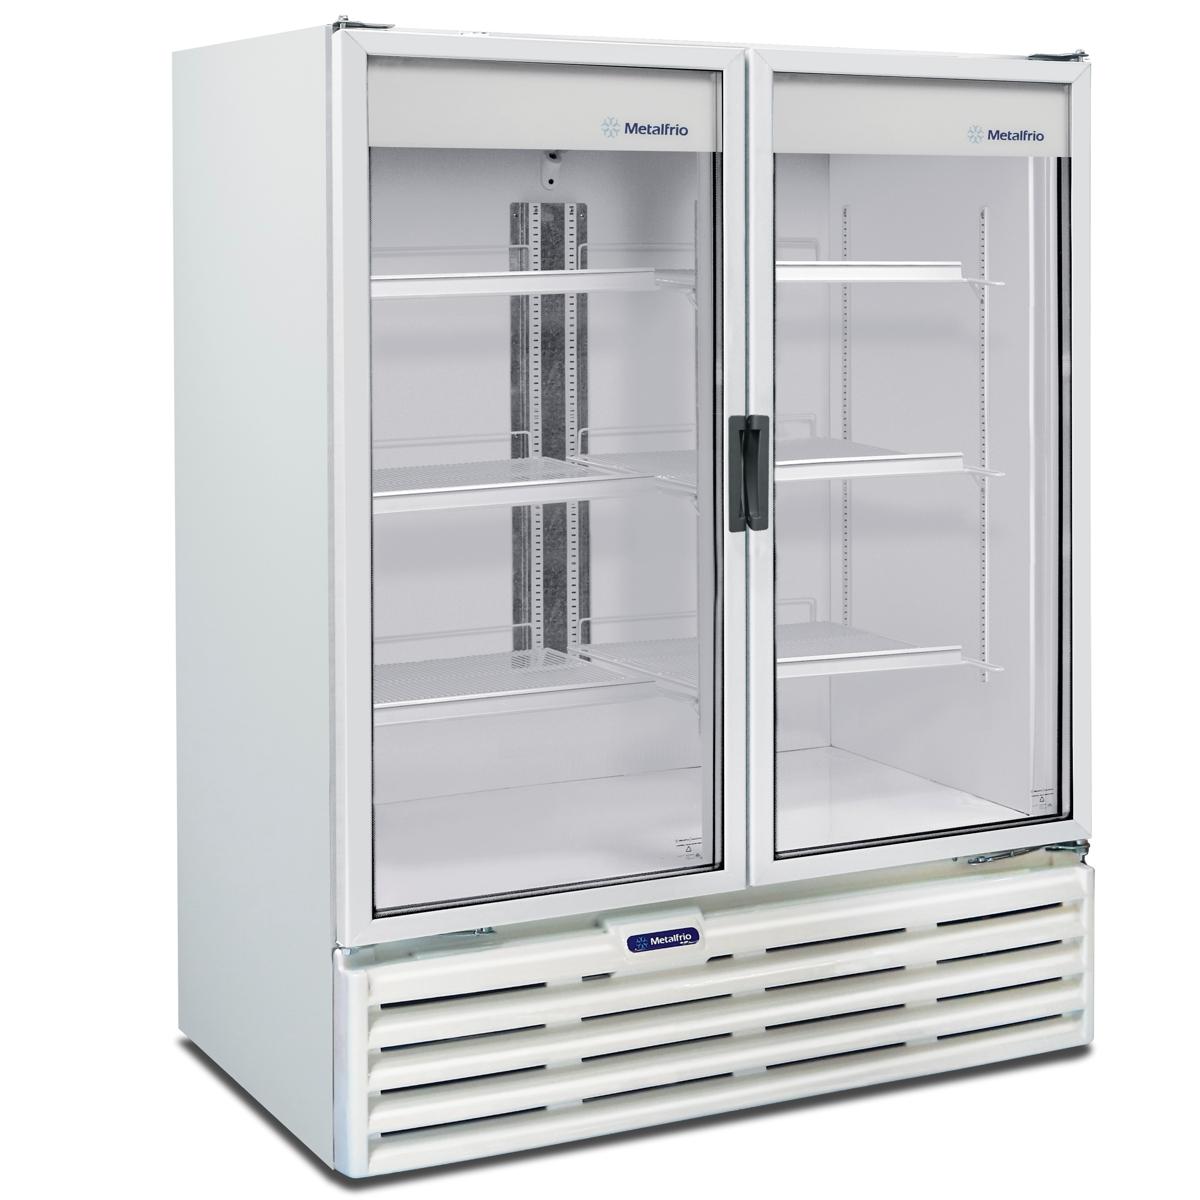 Refrigerador 2 Portas Em Vidro 1 186 Litros Vb99r Metalfrio Sotomano